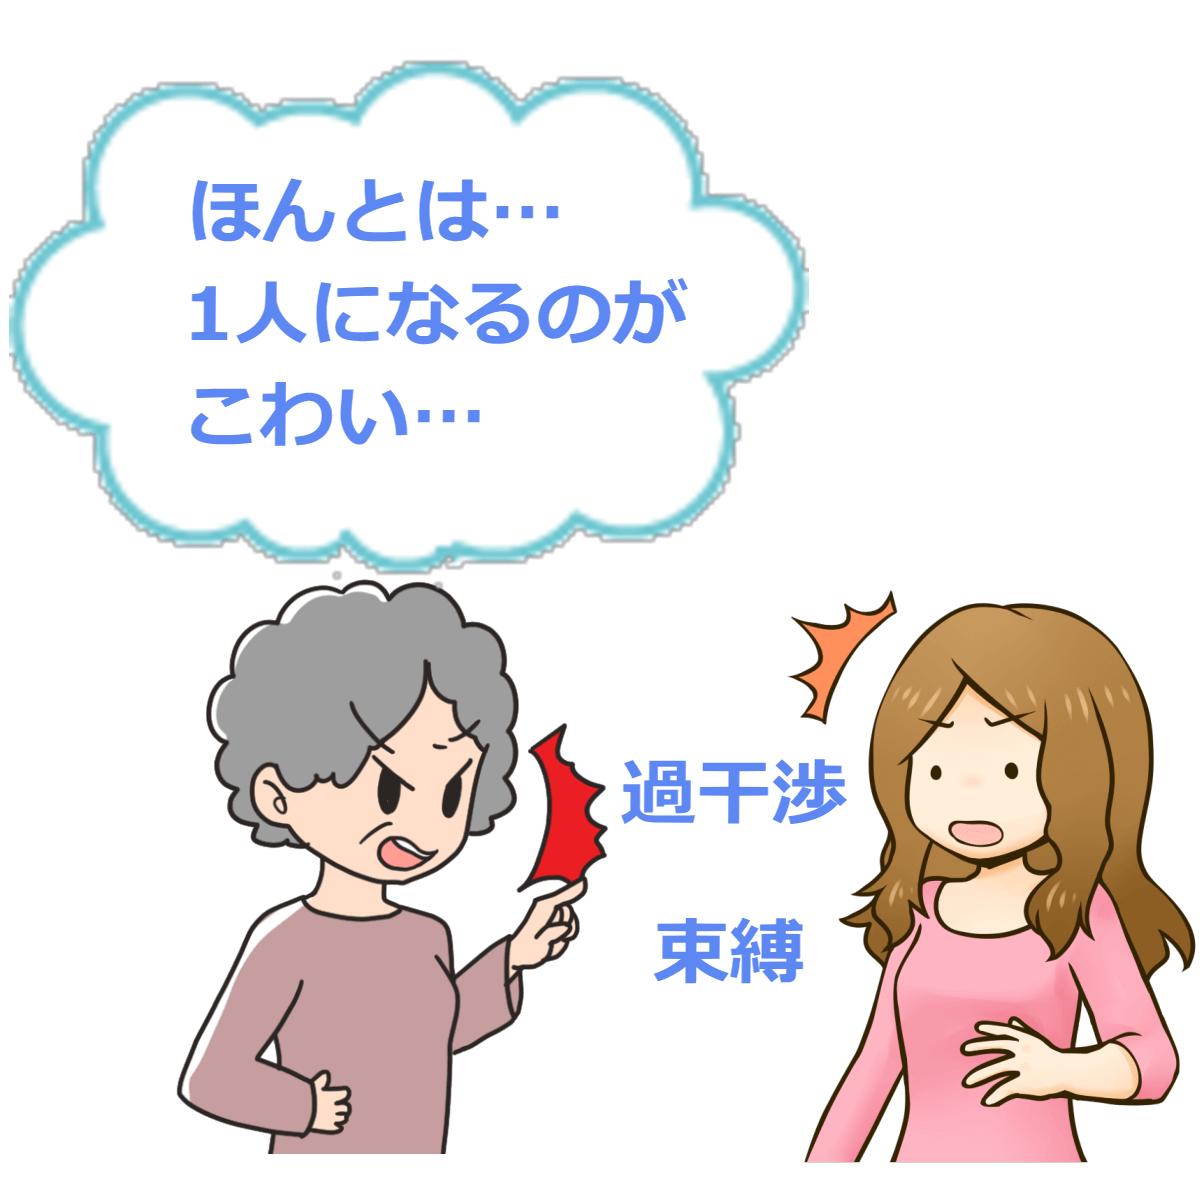 過干渉をする親の心理を表わすイラスト